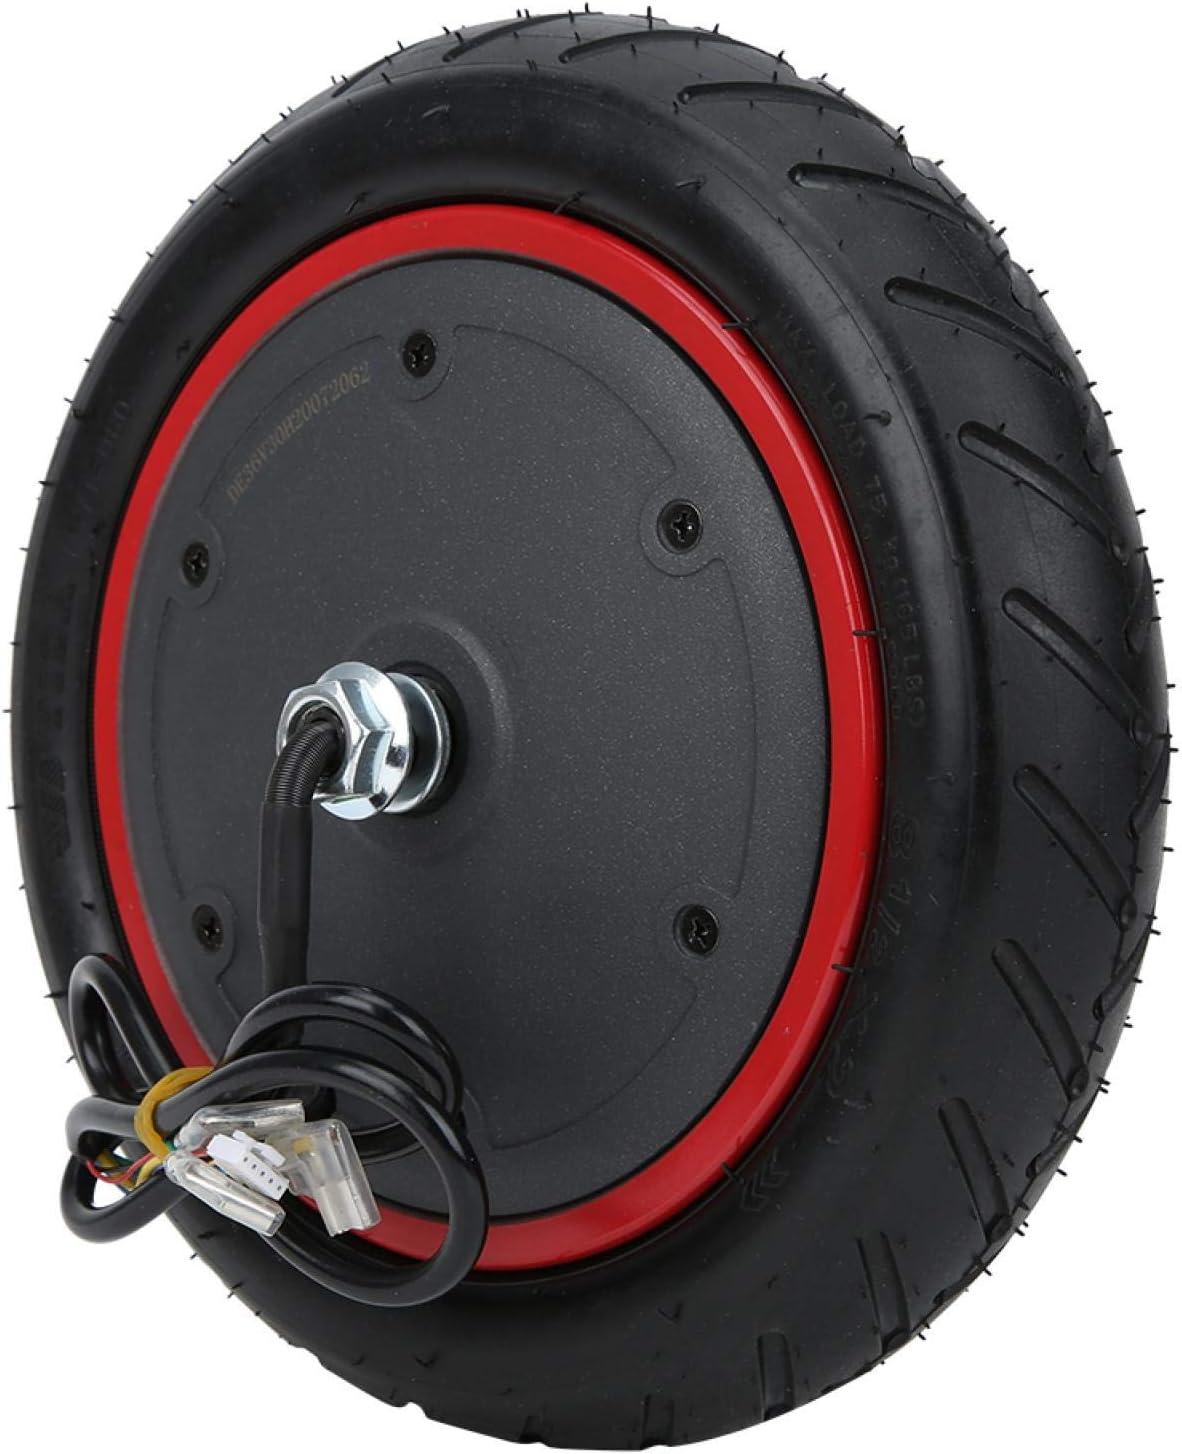 Gaeirt Reemplazo de neumático Inflable del Motor, Accesorio de Scooter eléctrico E-ABS neumático Inflable del Motor de frenado para M365 / M365 Pro